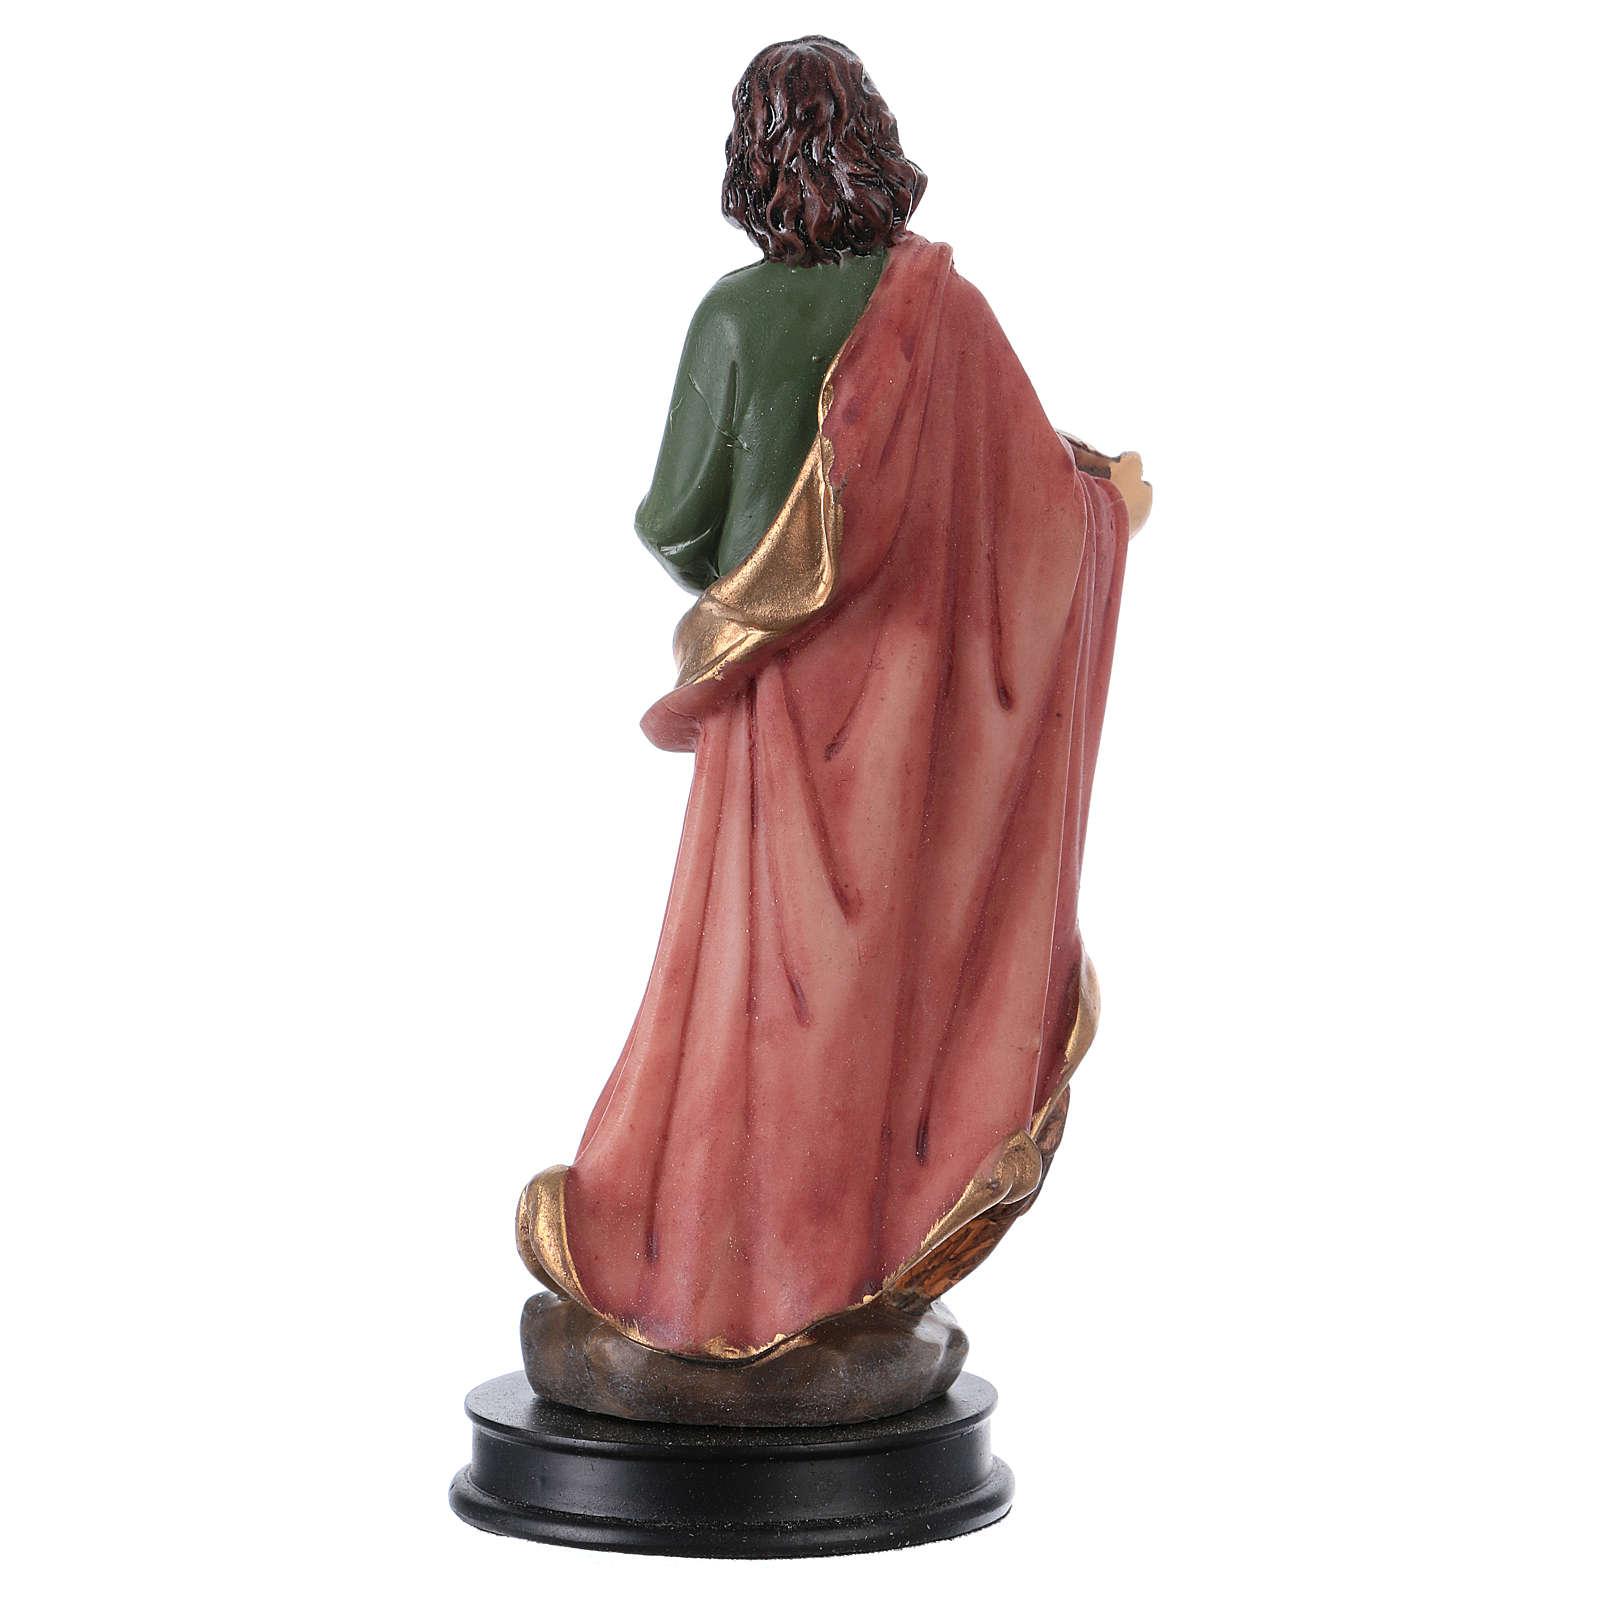 STOCK Figurka Święty Jan Ewangelista 13 cm żywica 4